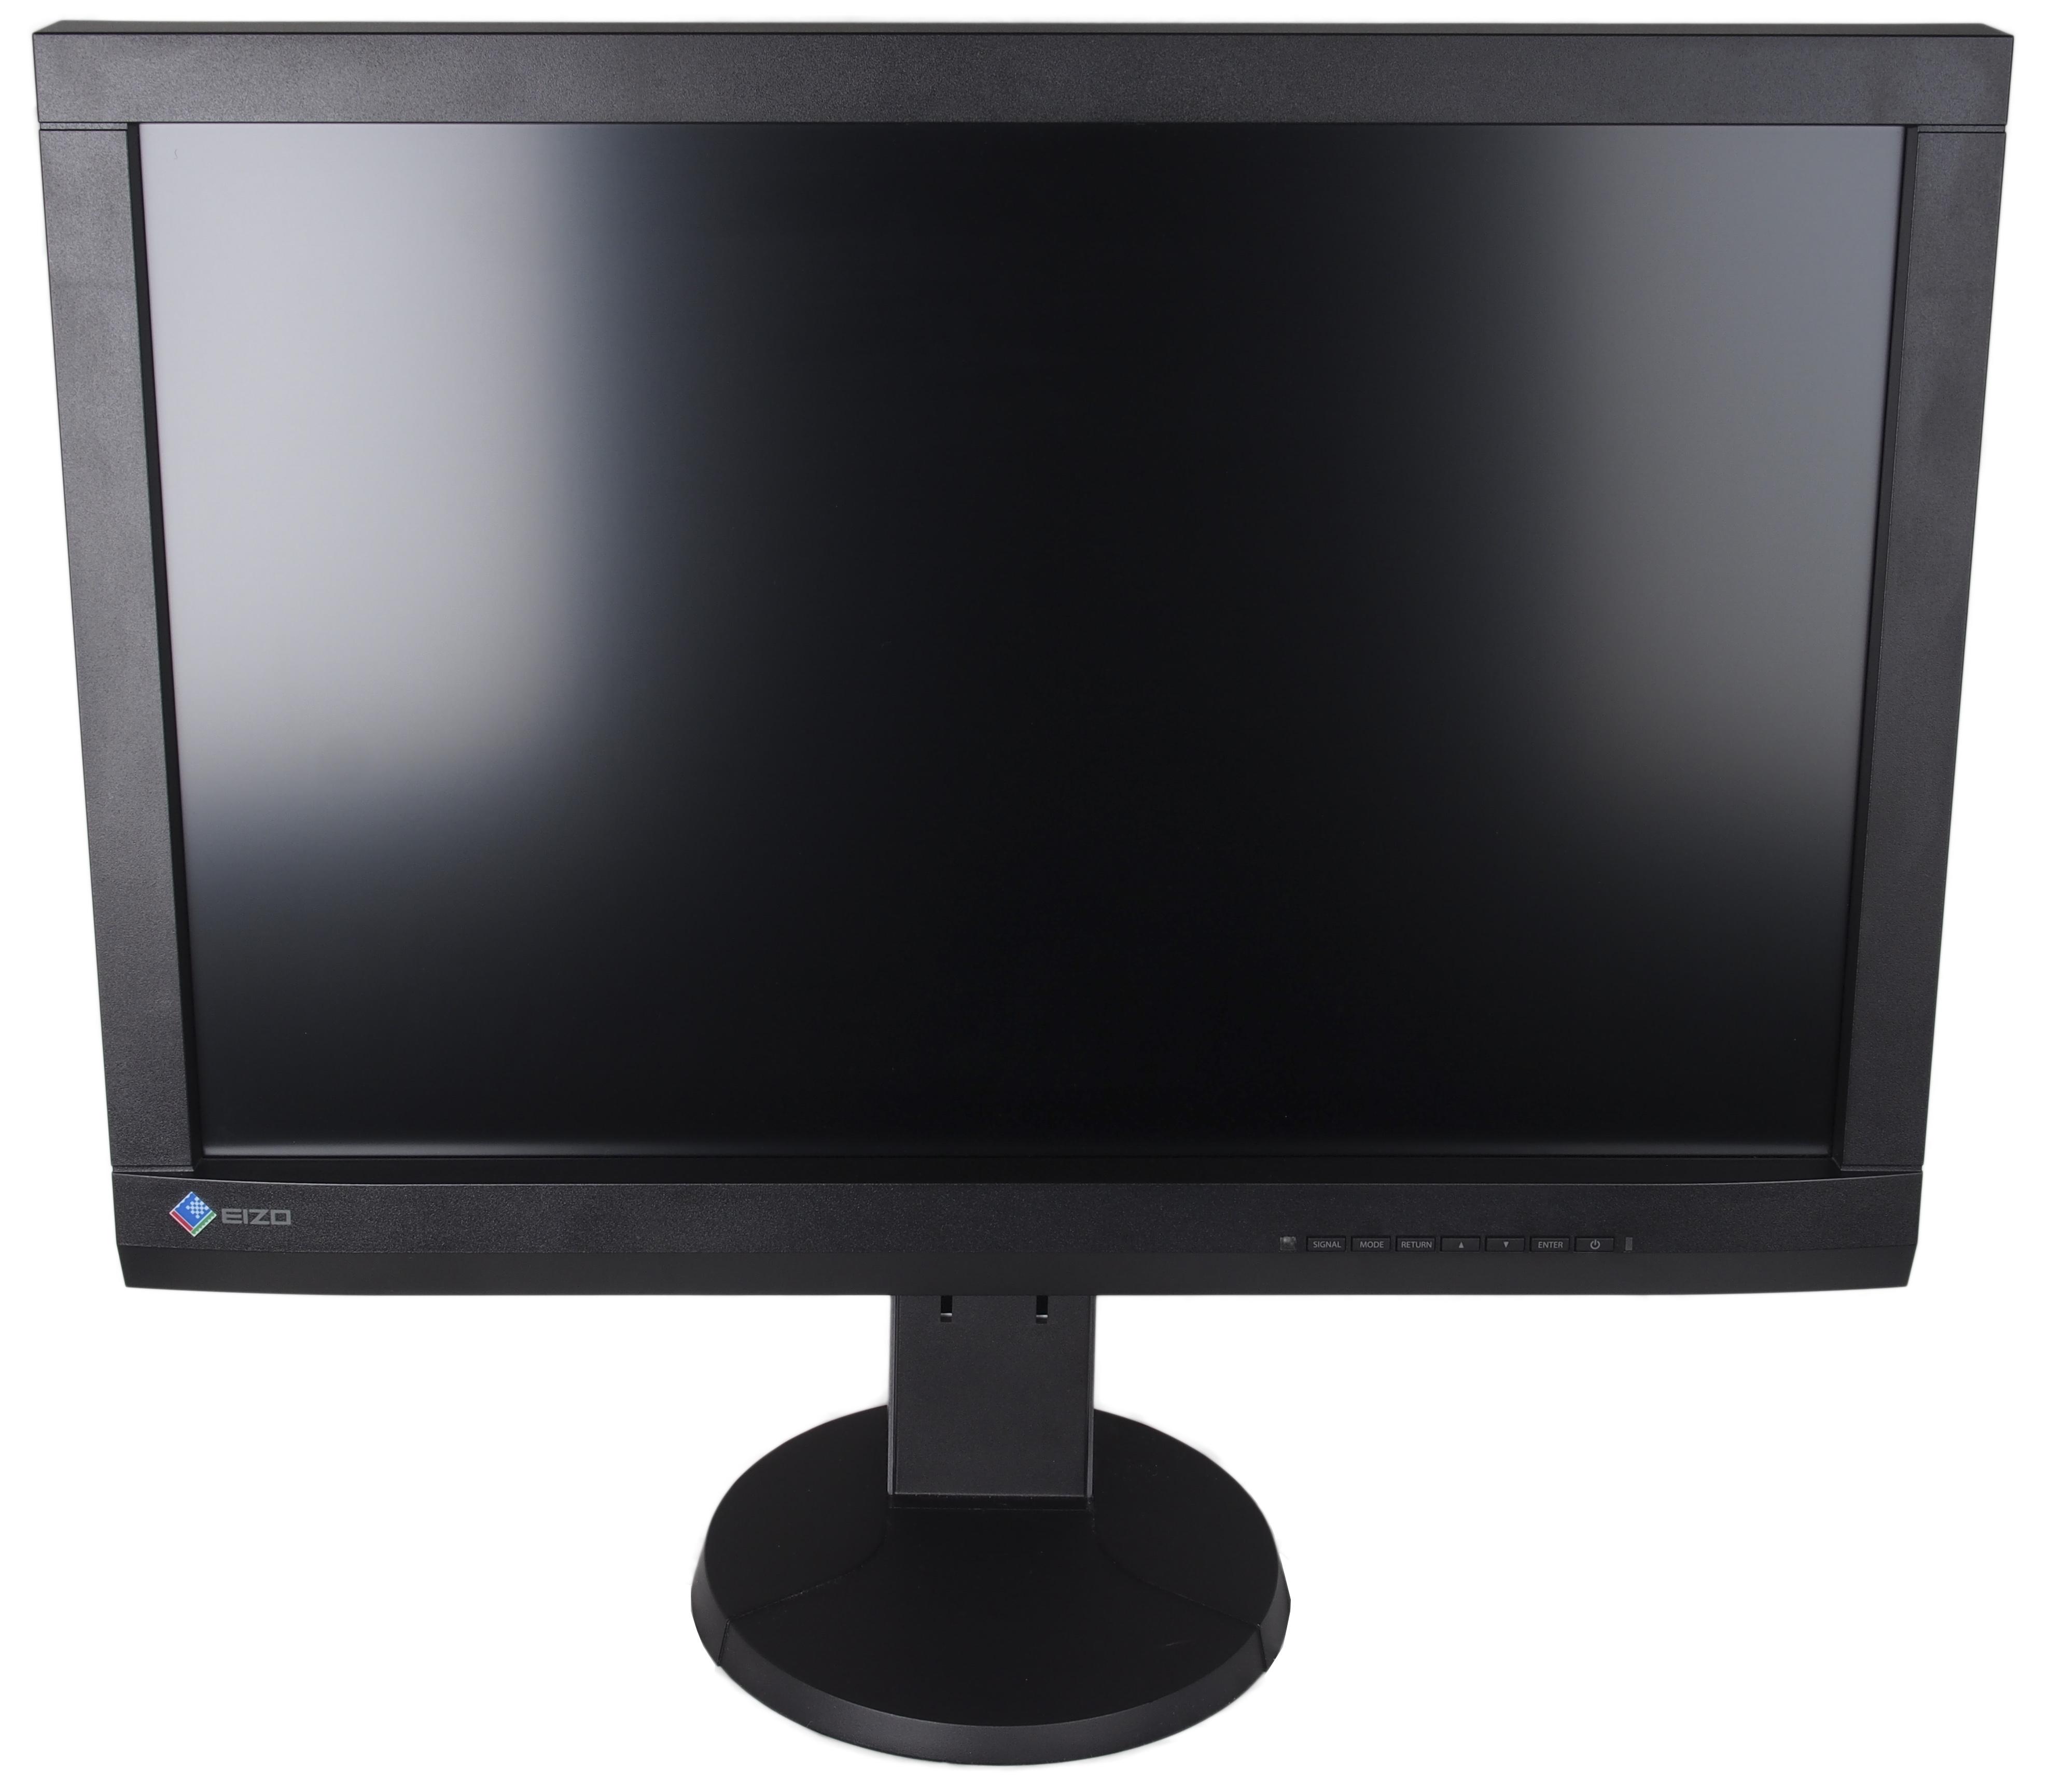 EIZO ColorEdge CX240 Monitor Drivers Download Free